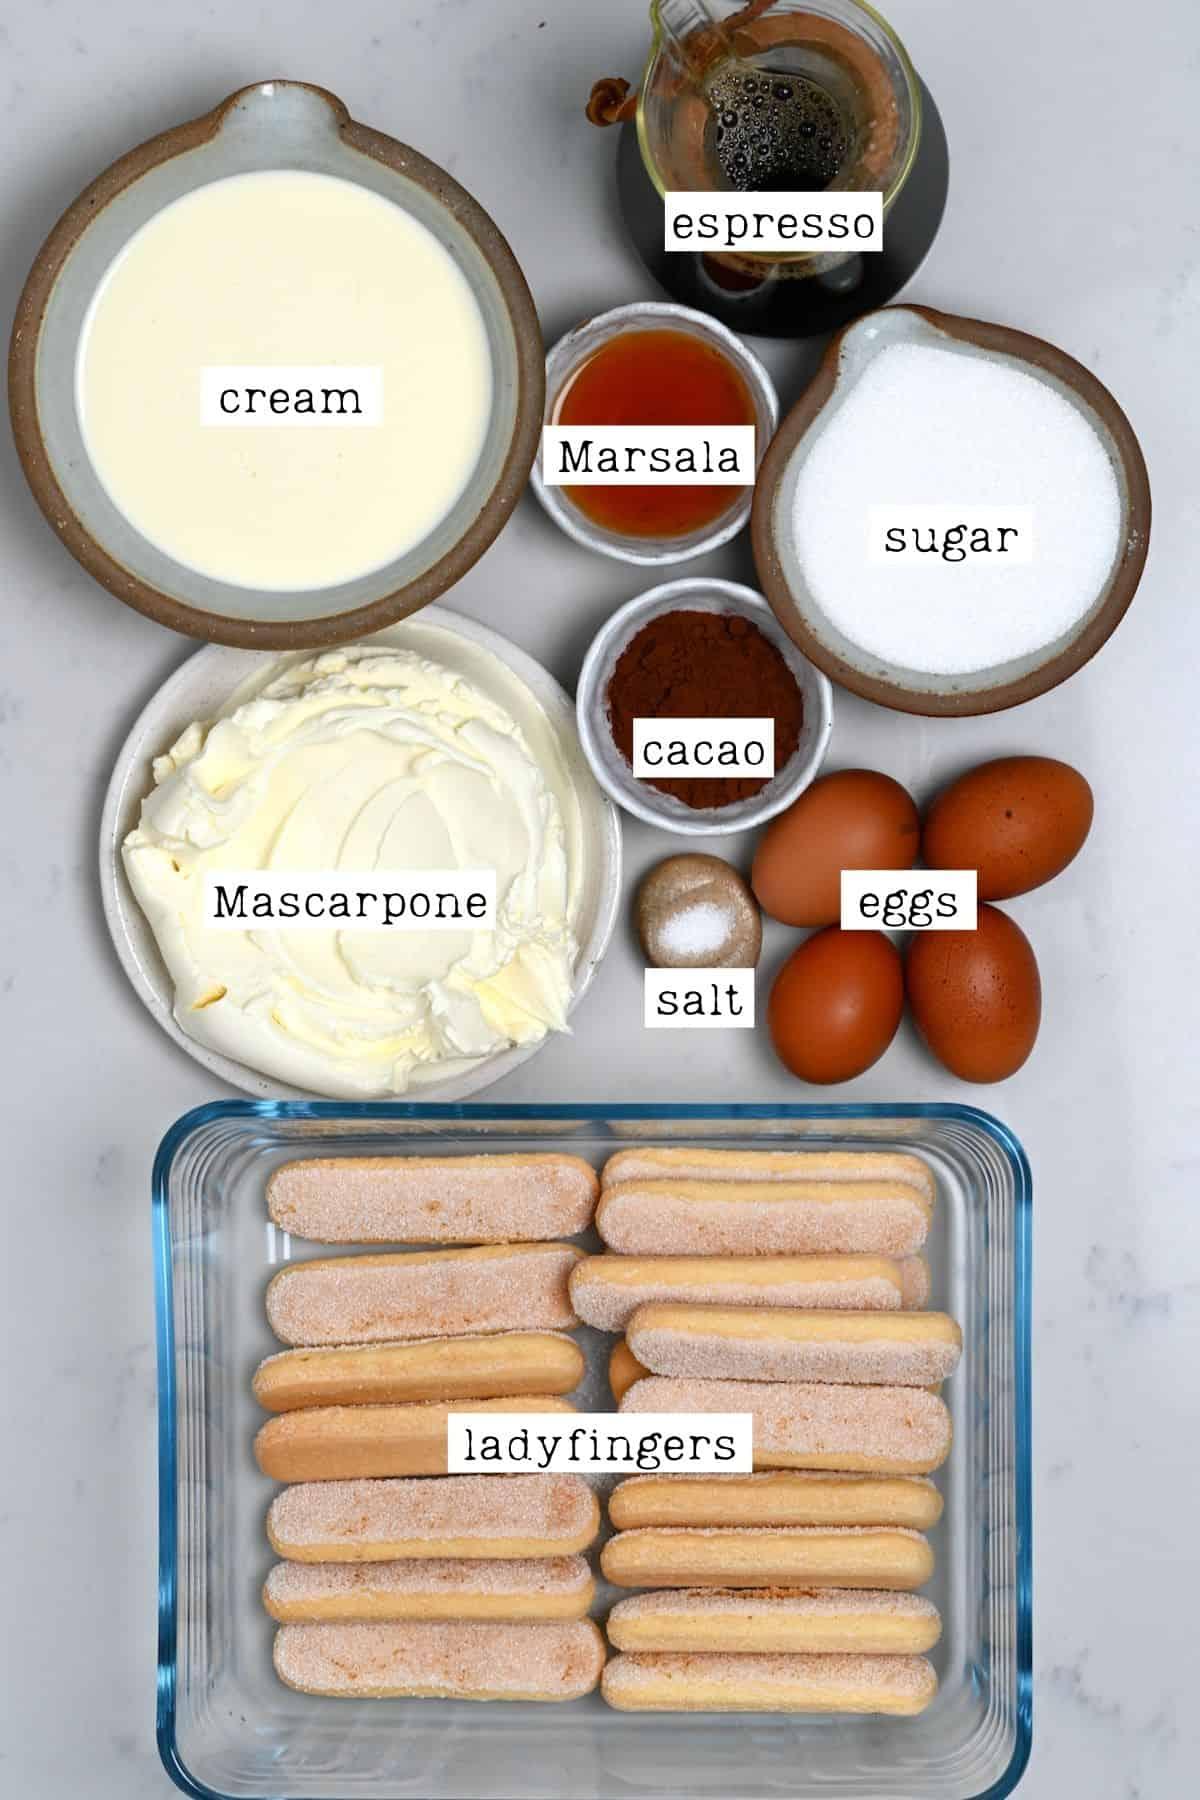 Ingredients for authentic Tiramisu recipe